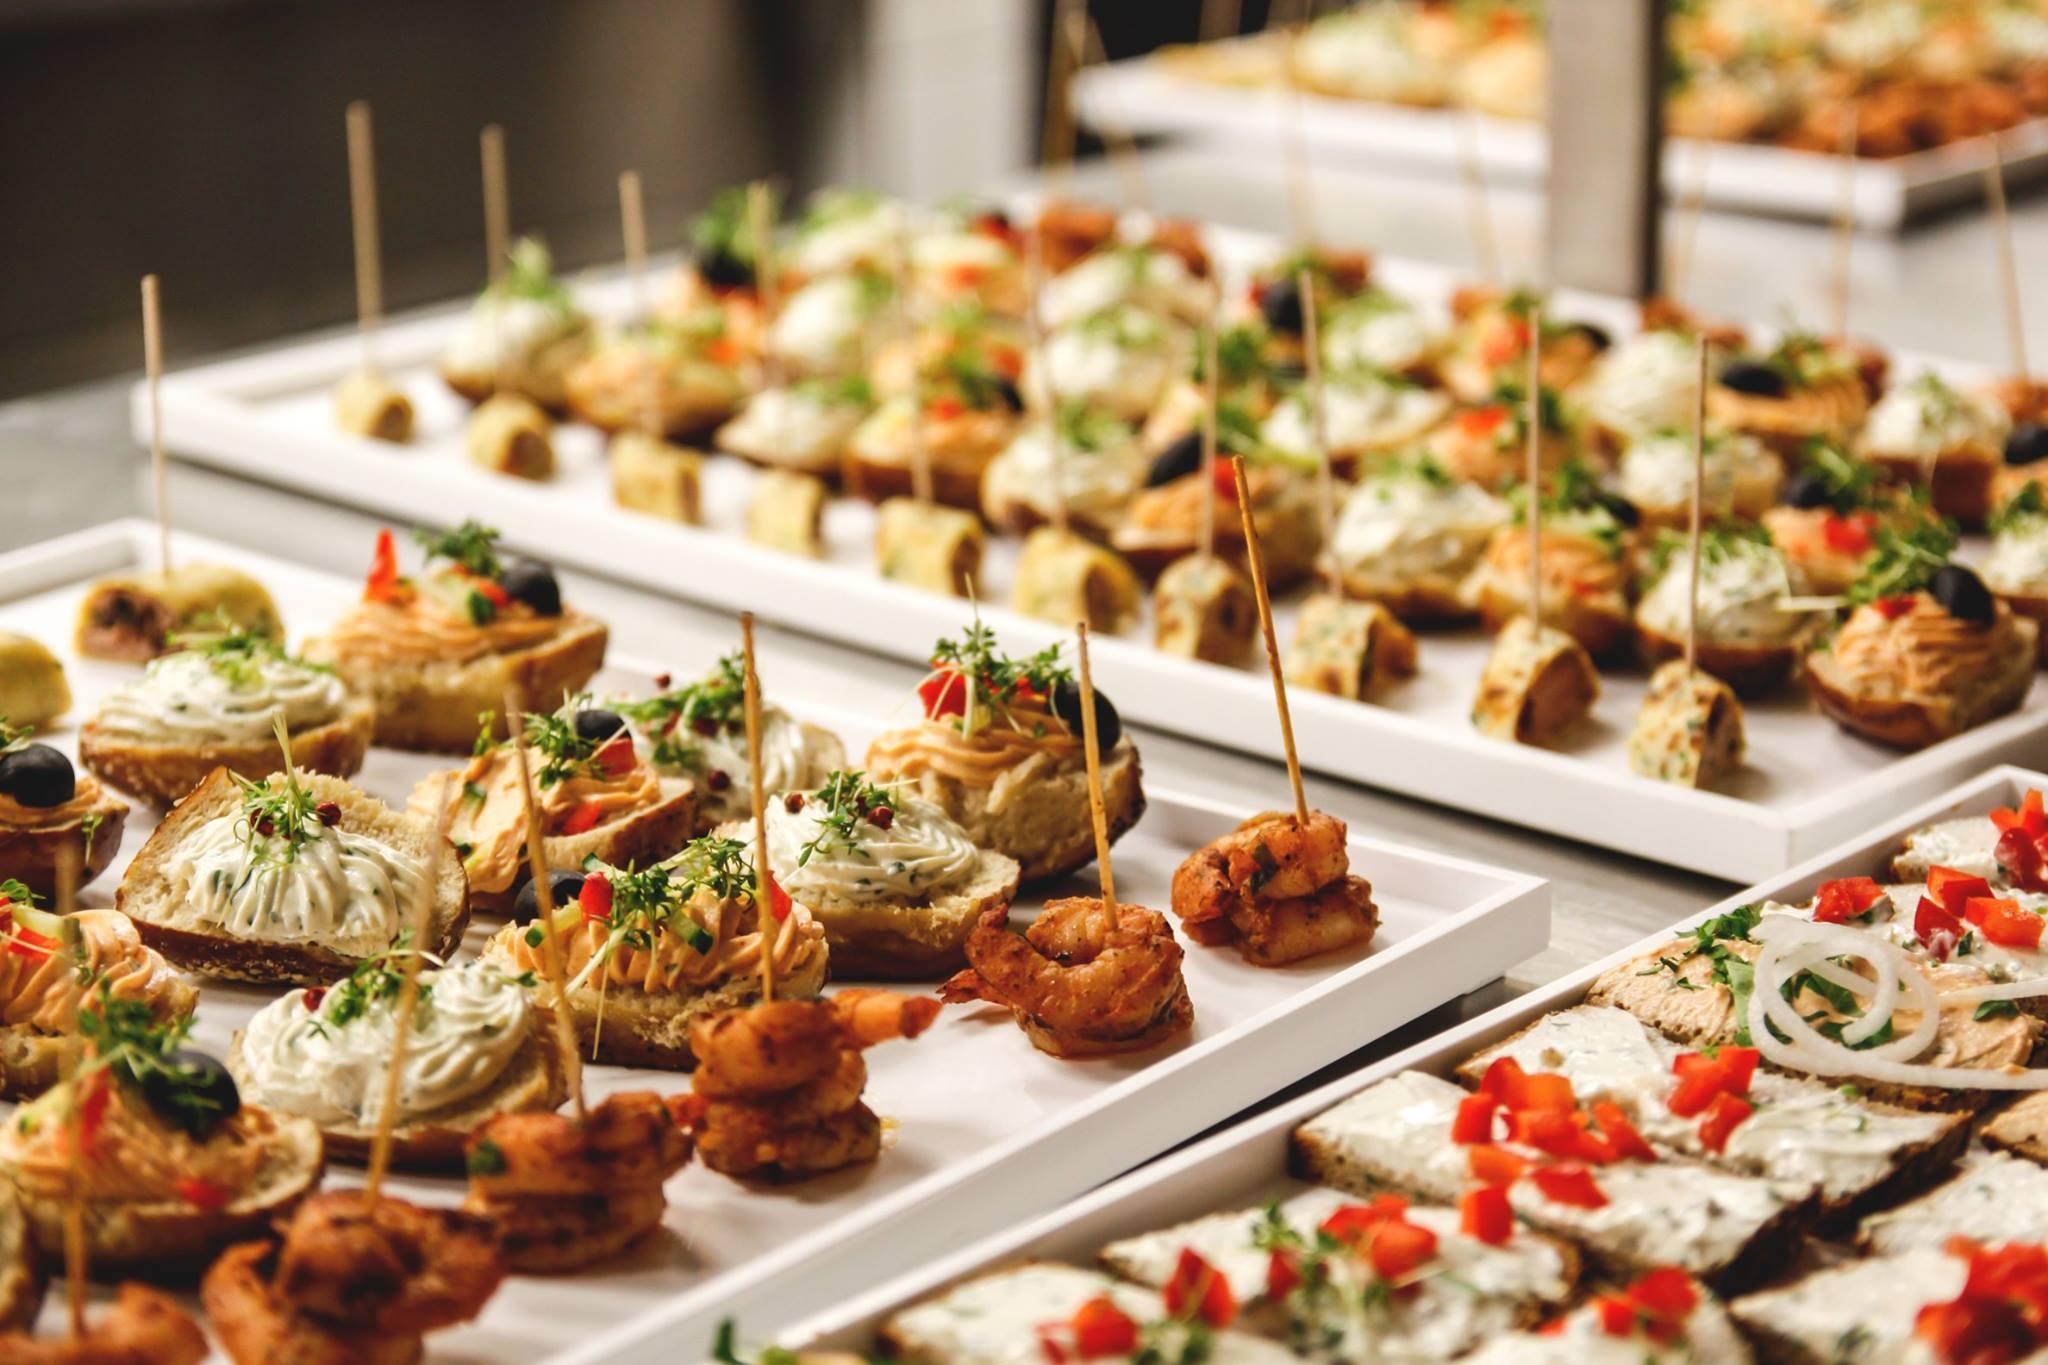 catering-Hauptbild1.jpg